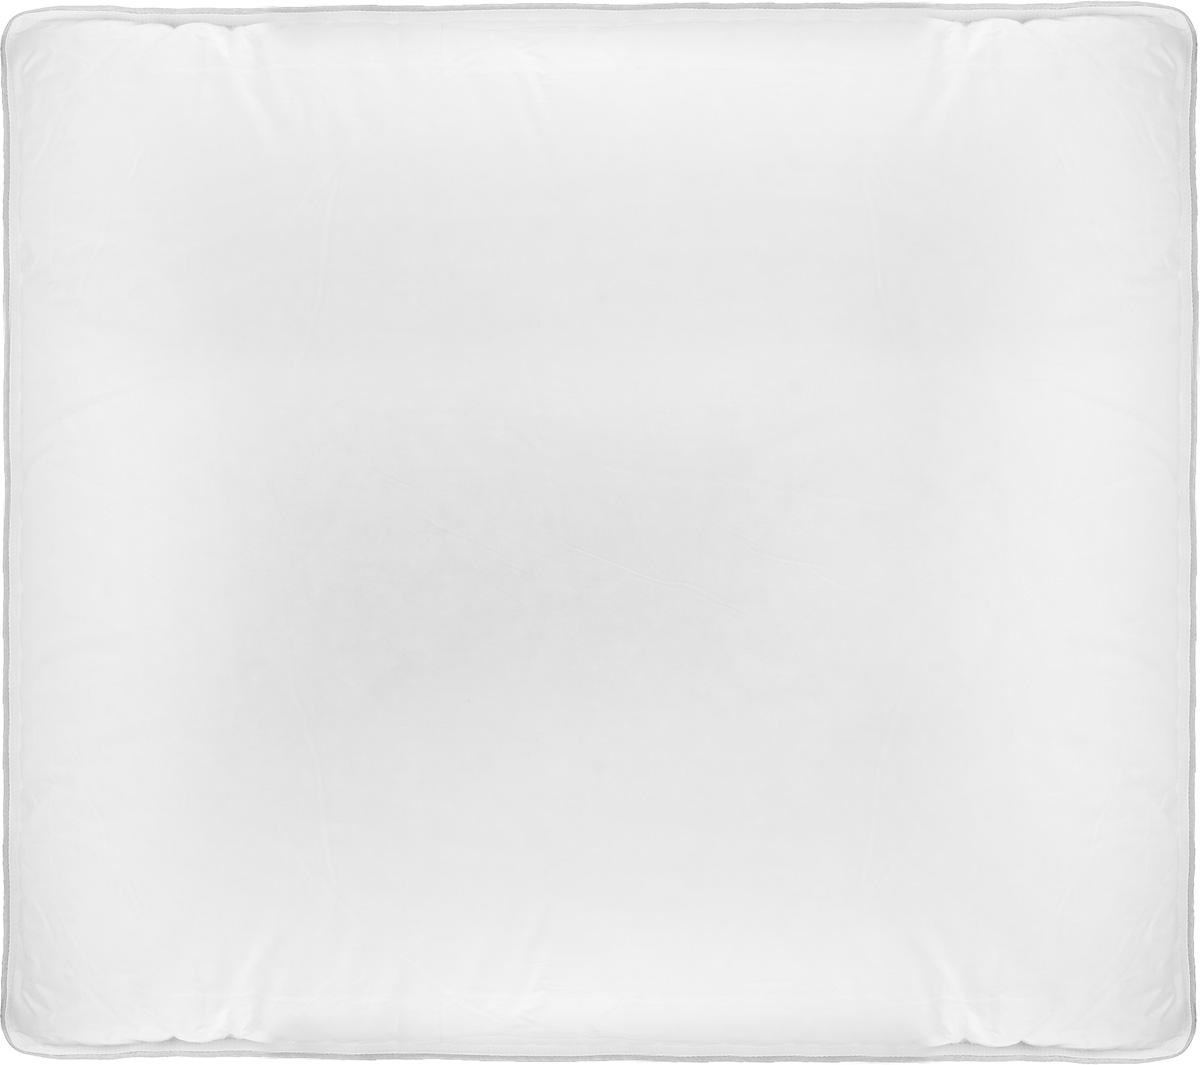 Подушка Легкие сны Камилла, наполнитель: гусиный пух категории Экстра, 68 х 68 см подушка легкие сны sandman наполнитель гусиный пух категории экстра 50 х 68 см